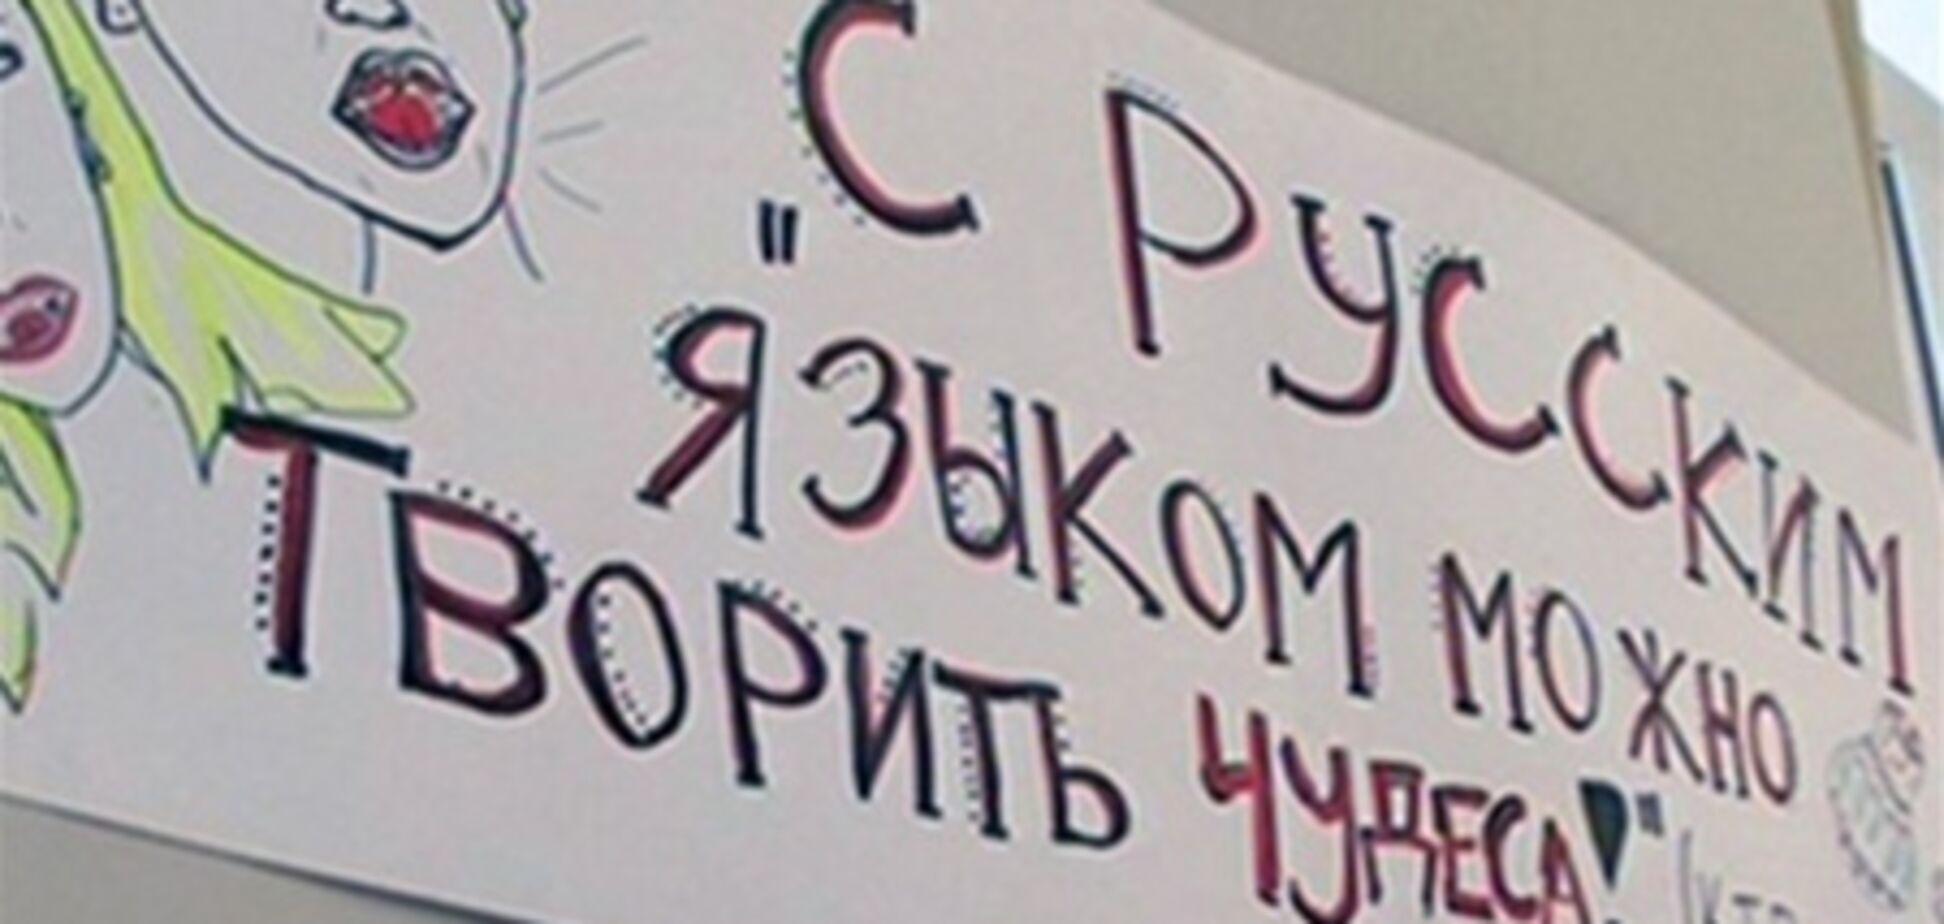 Референдум з російської мови в Латвії призначили на 18 лютого